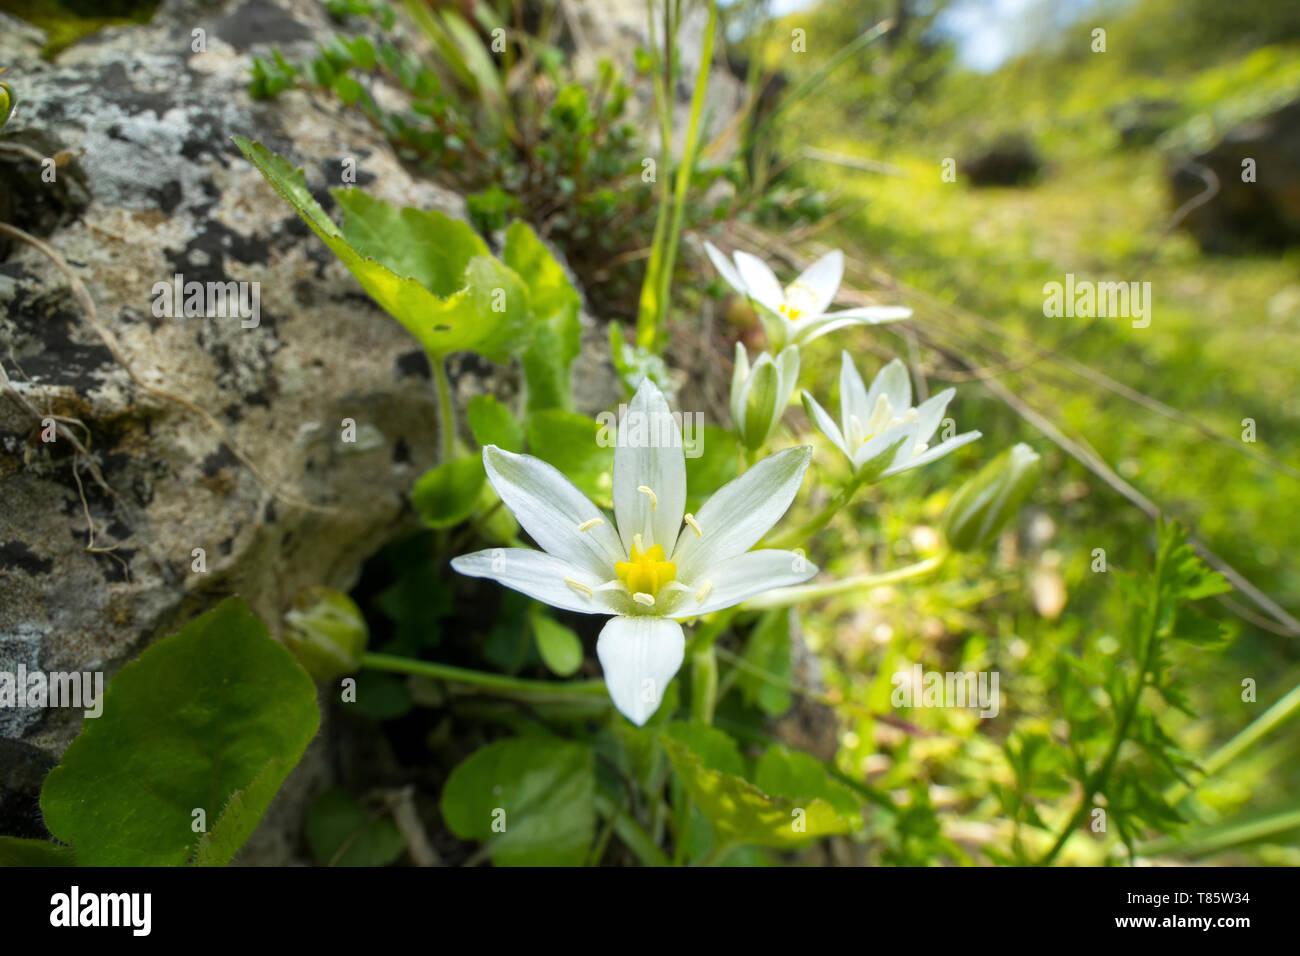 Star Of Bethlehem Flower Stock Photos Star Of Bethlehem Flower